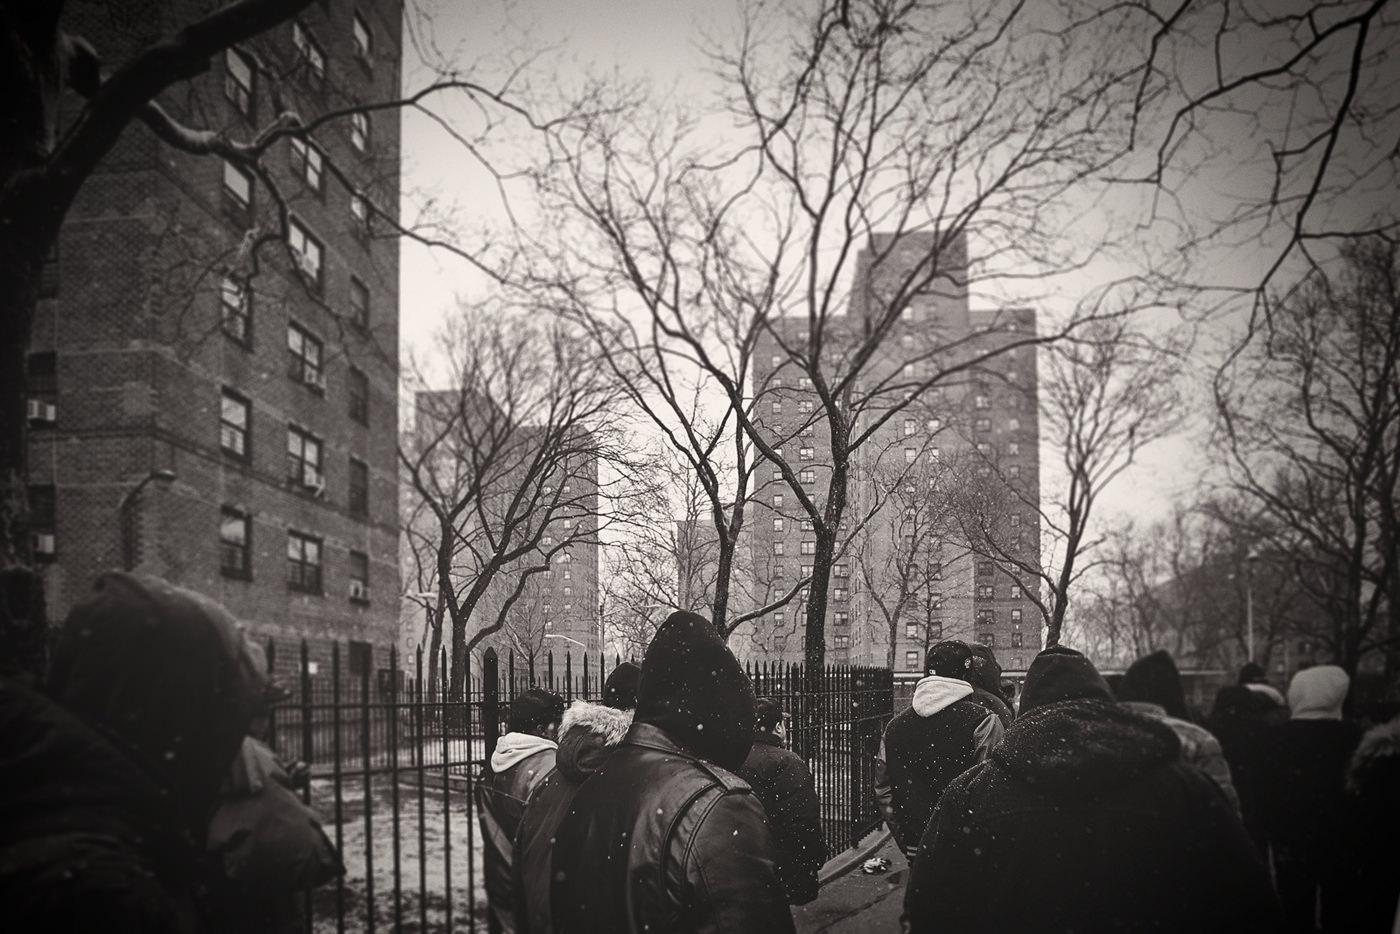 Harlem 18